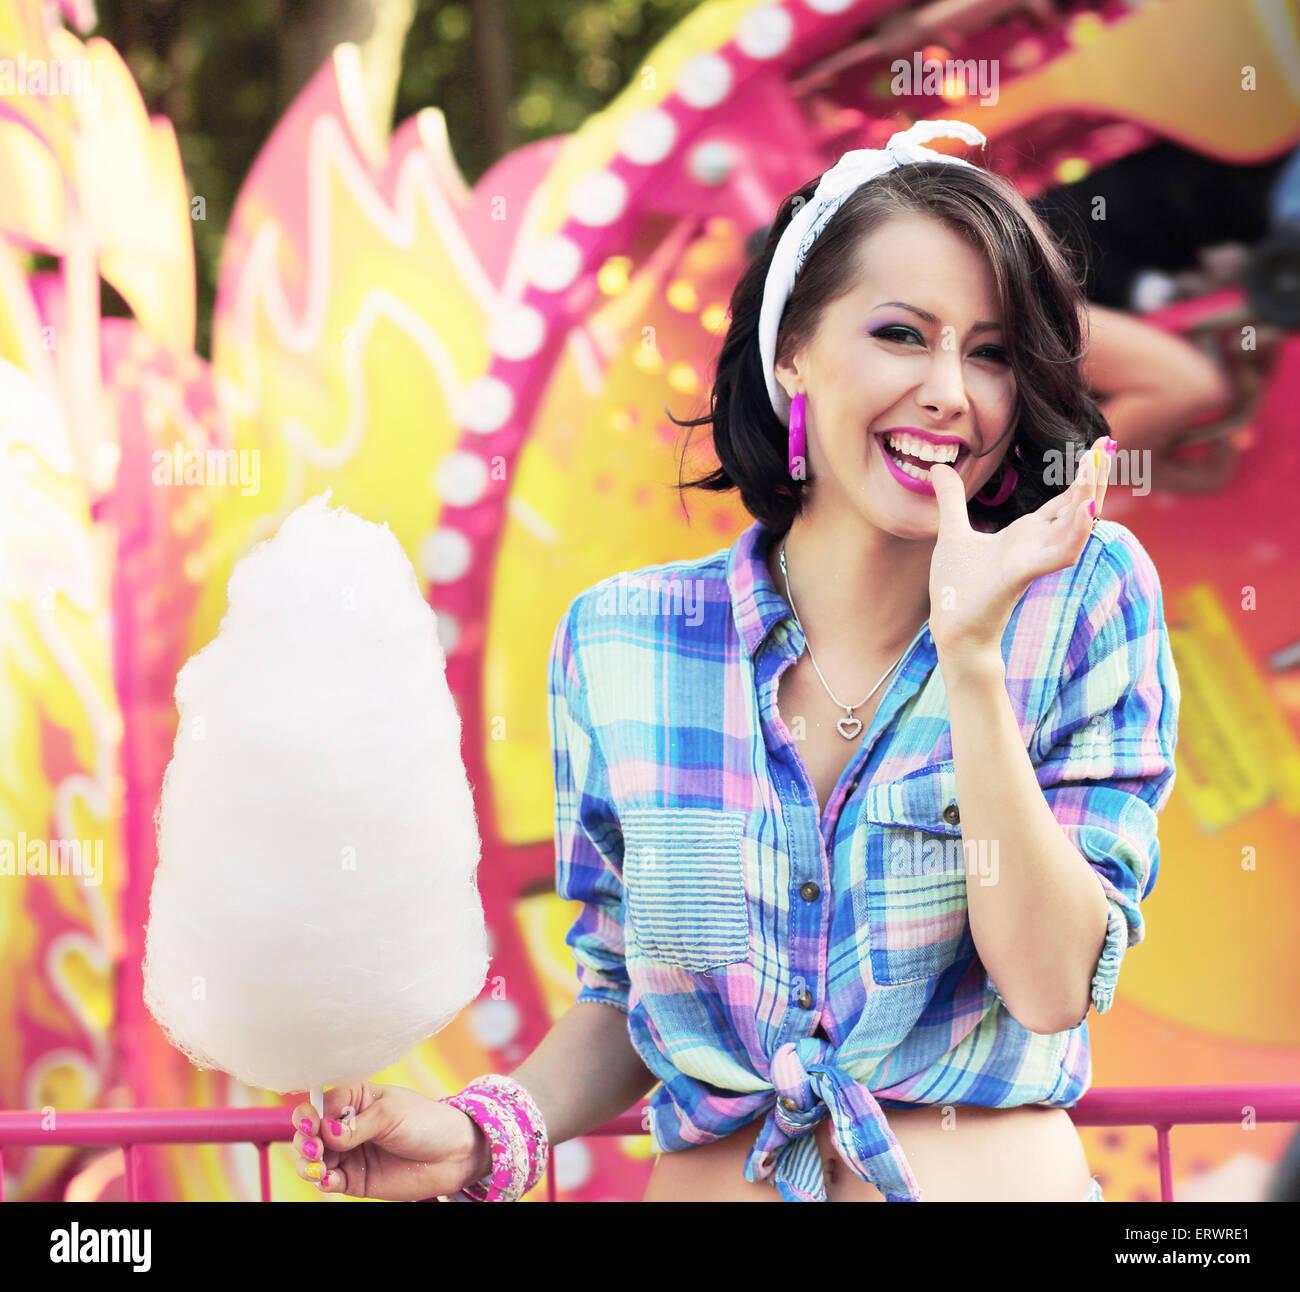 Sourire à pleines dents. Jeune femme avec la barbe en Amusement Park Photo Stock